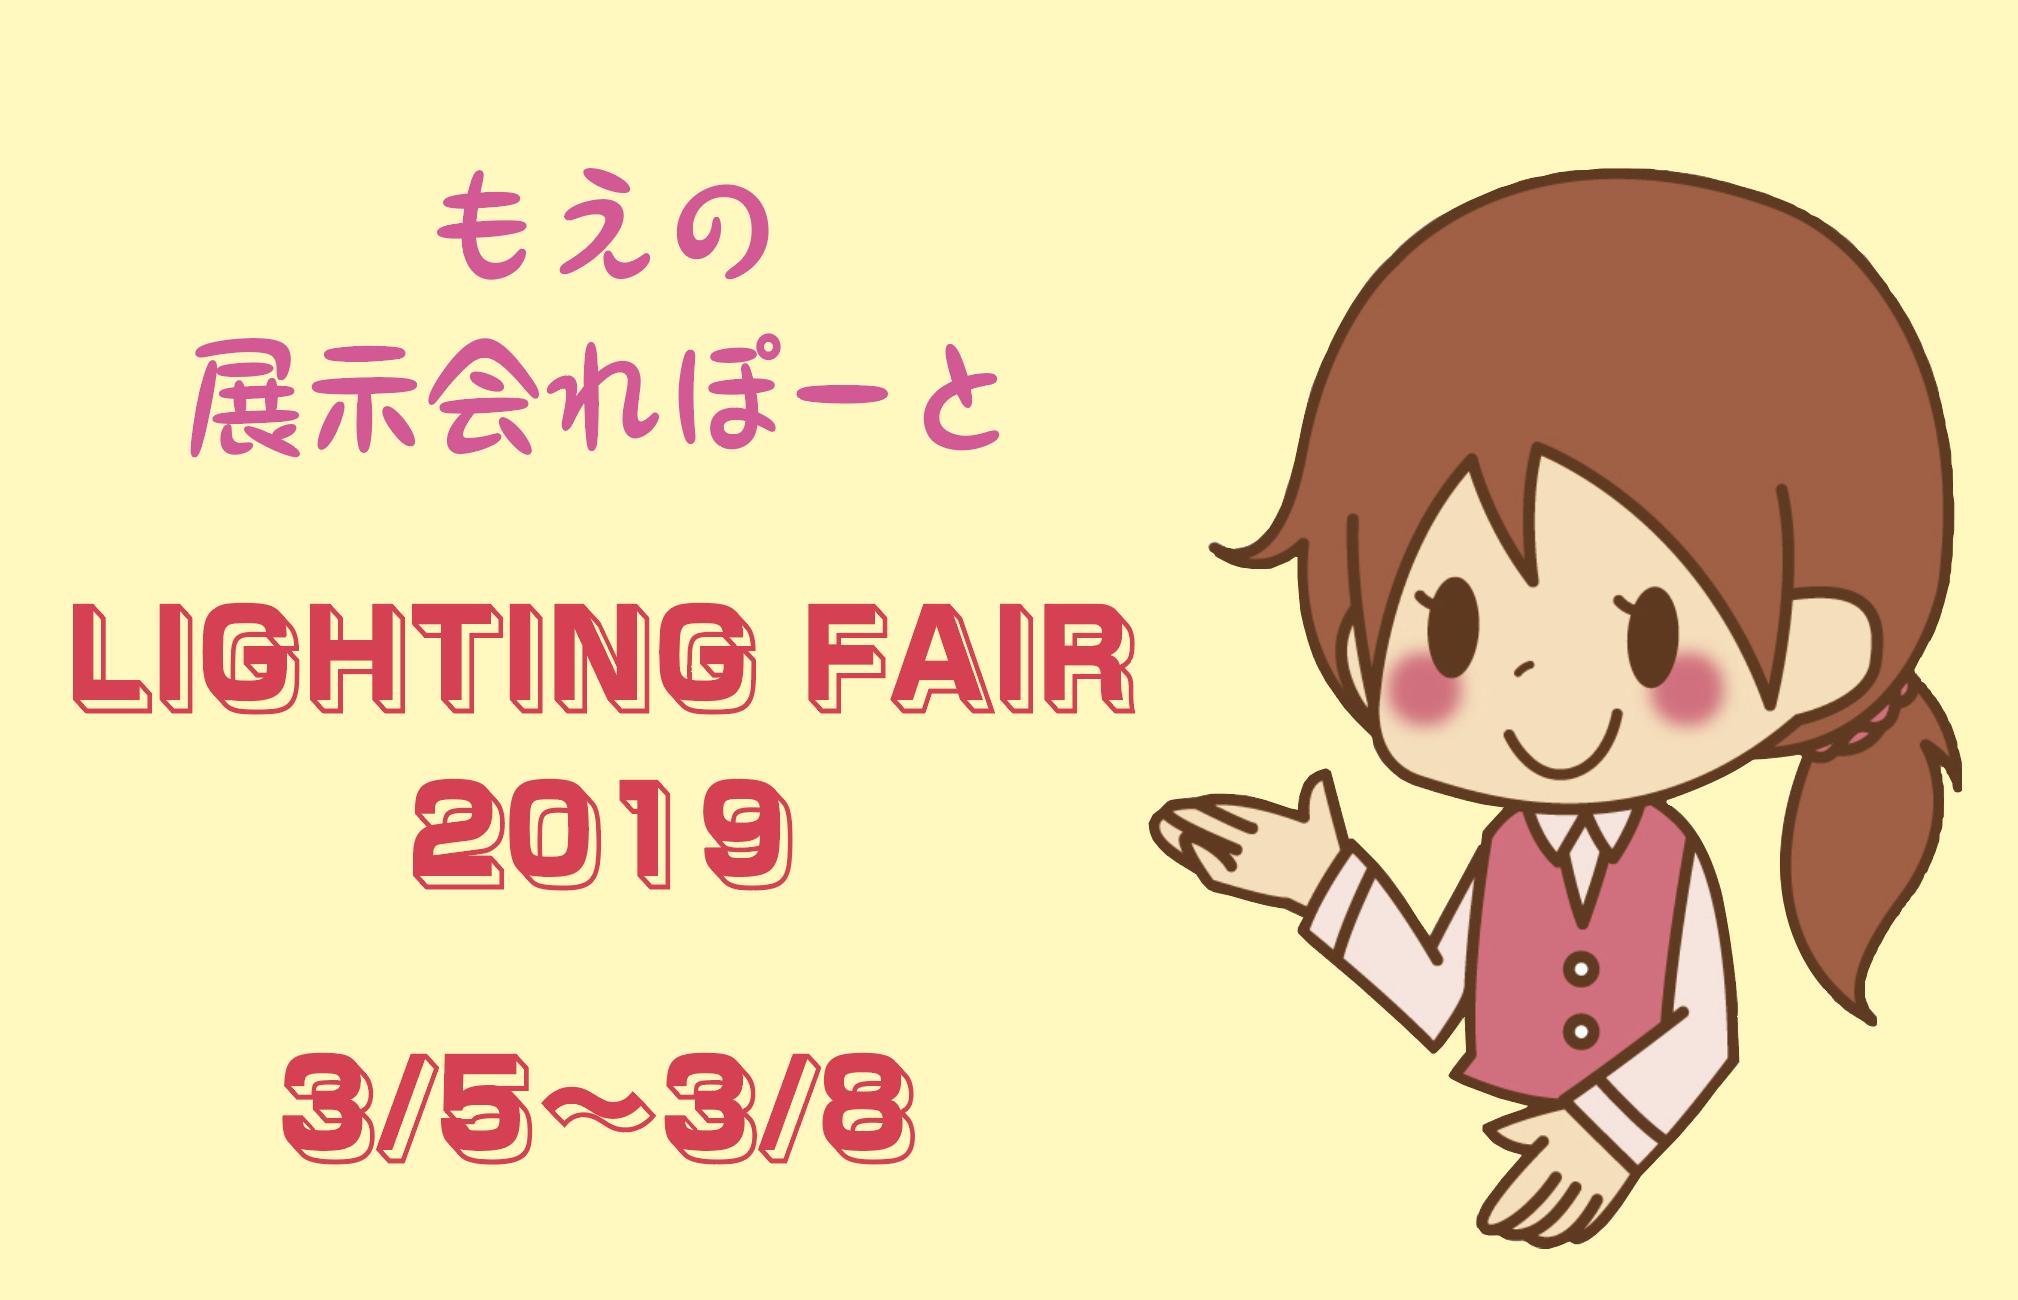 もえの展示会れぽーと【17】LIGHTING FAIR 2019に行ってきました!の画像